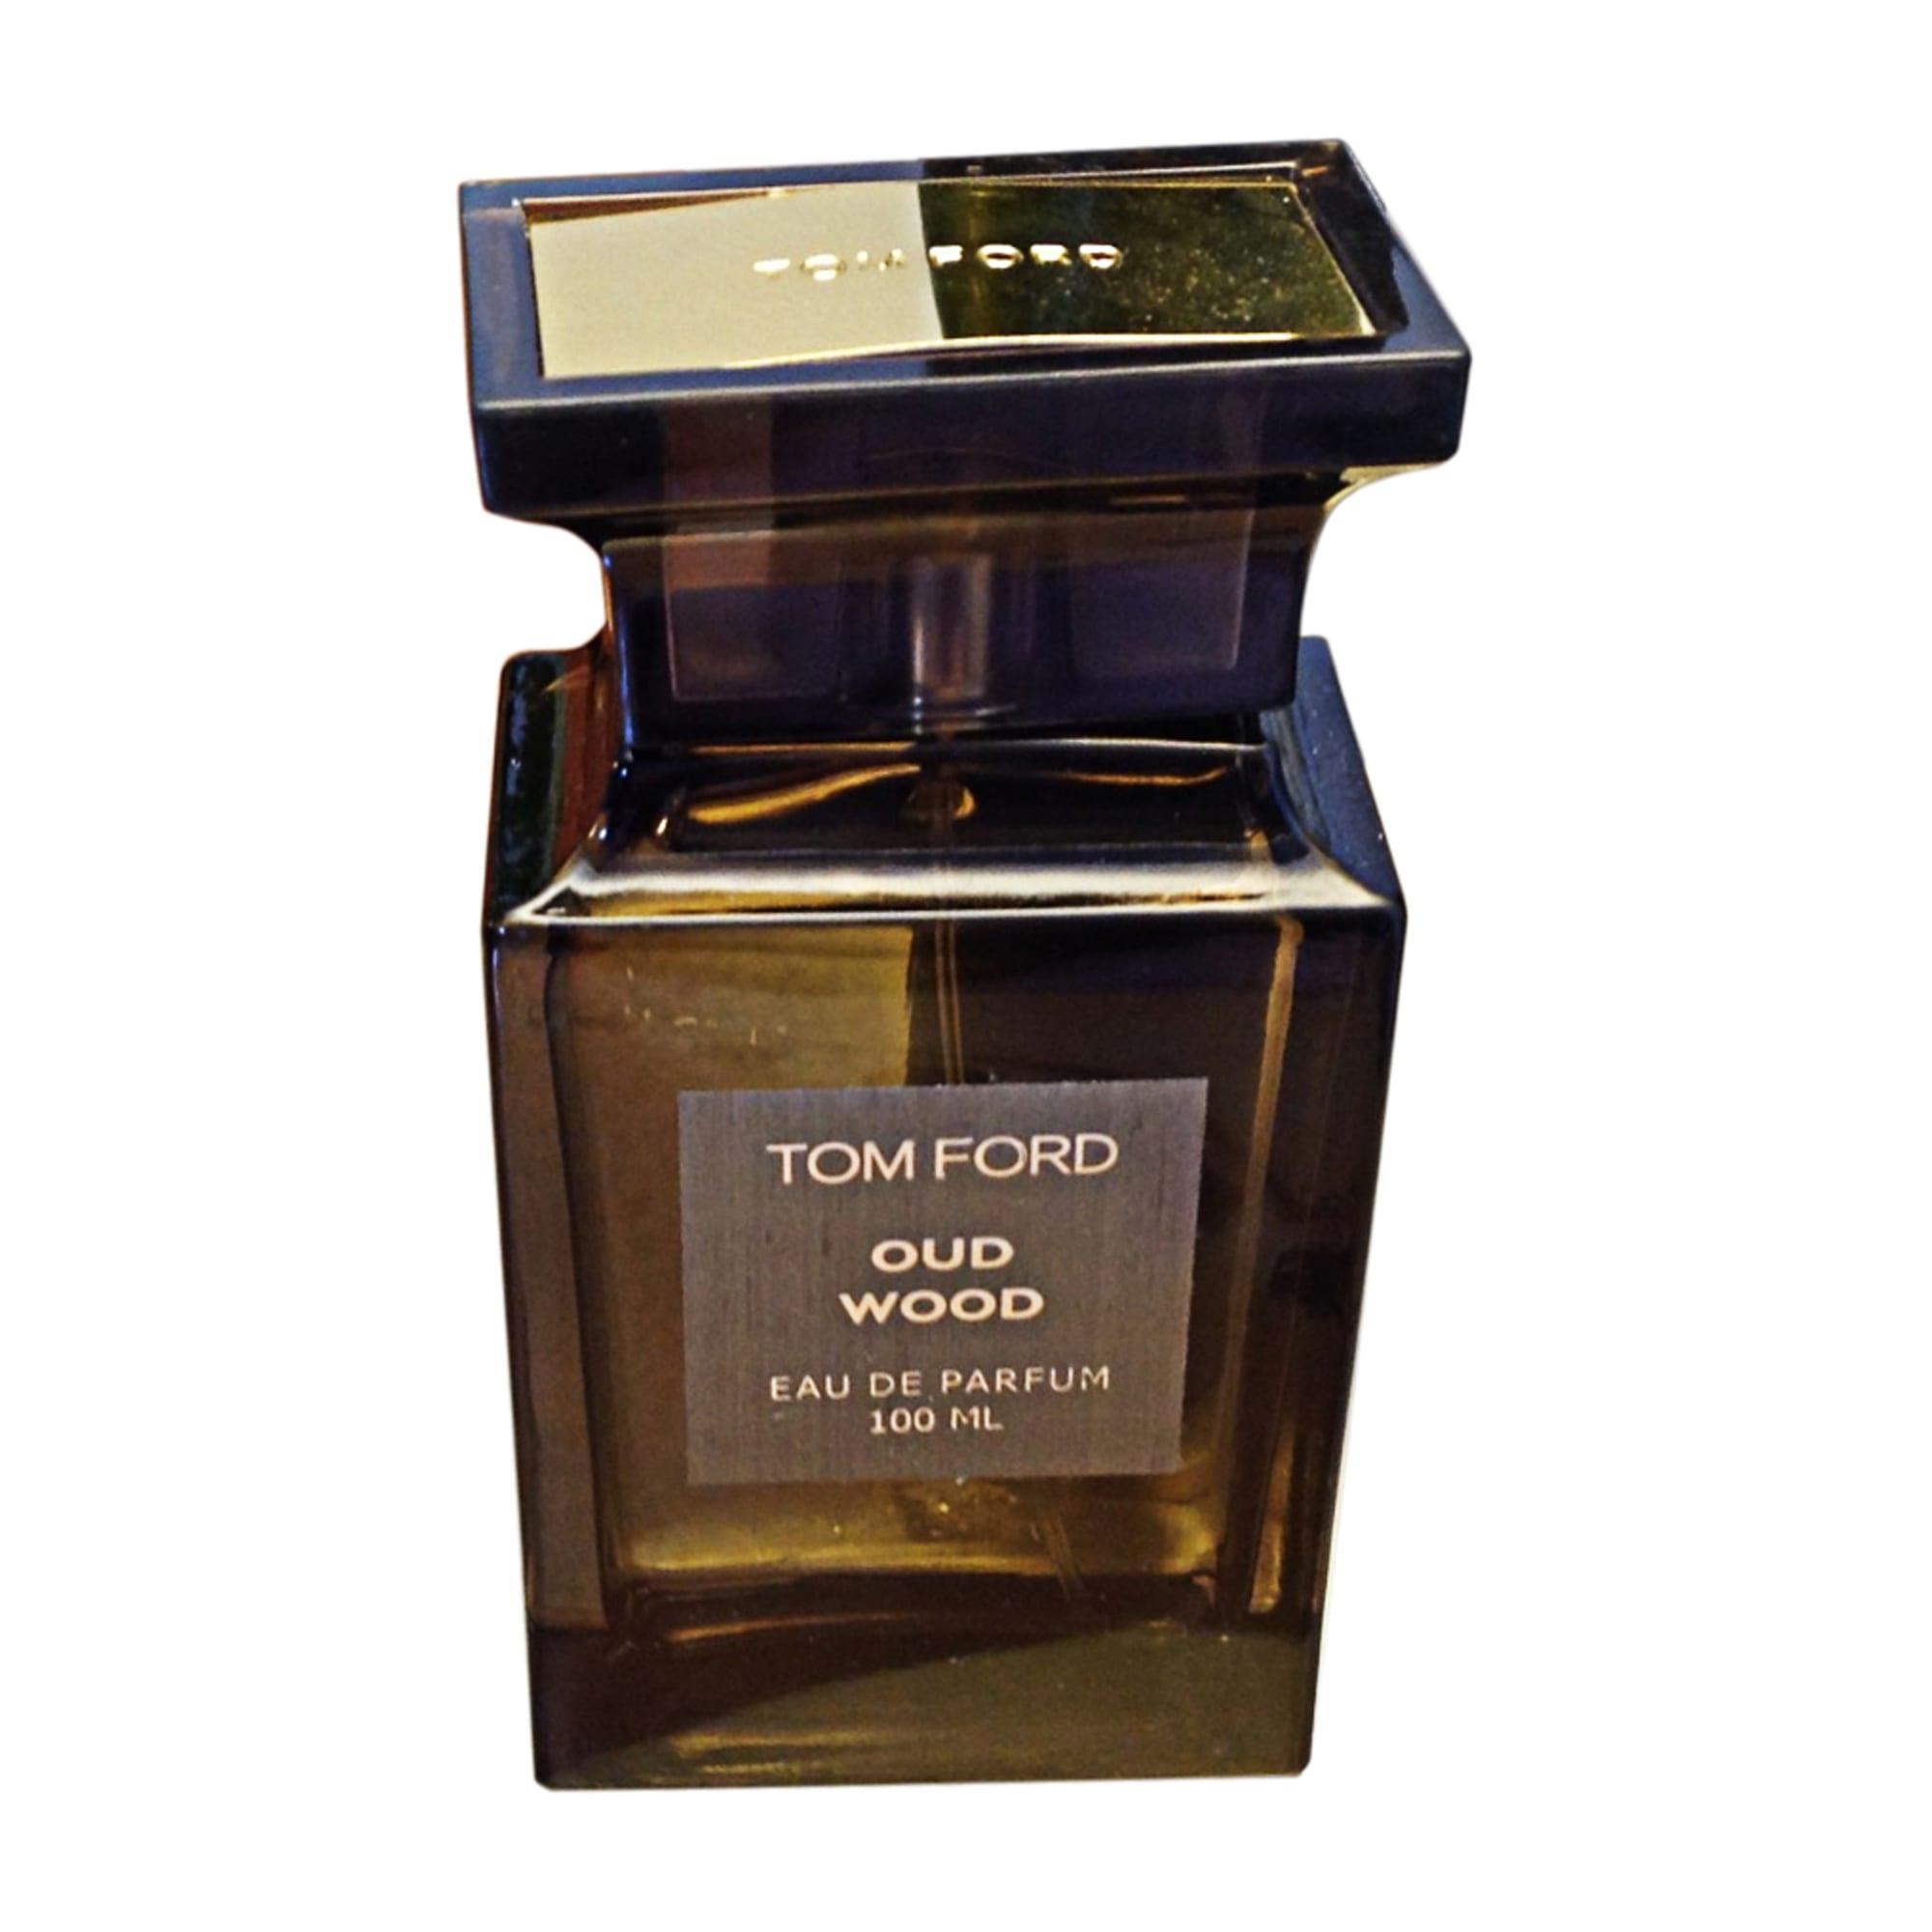 69bfa792c1 Eau de parfum TOM FORD vendu par La boutique 1975 - 8029564